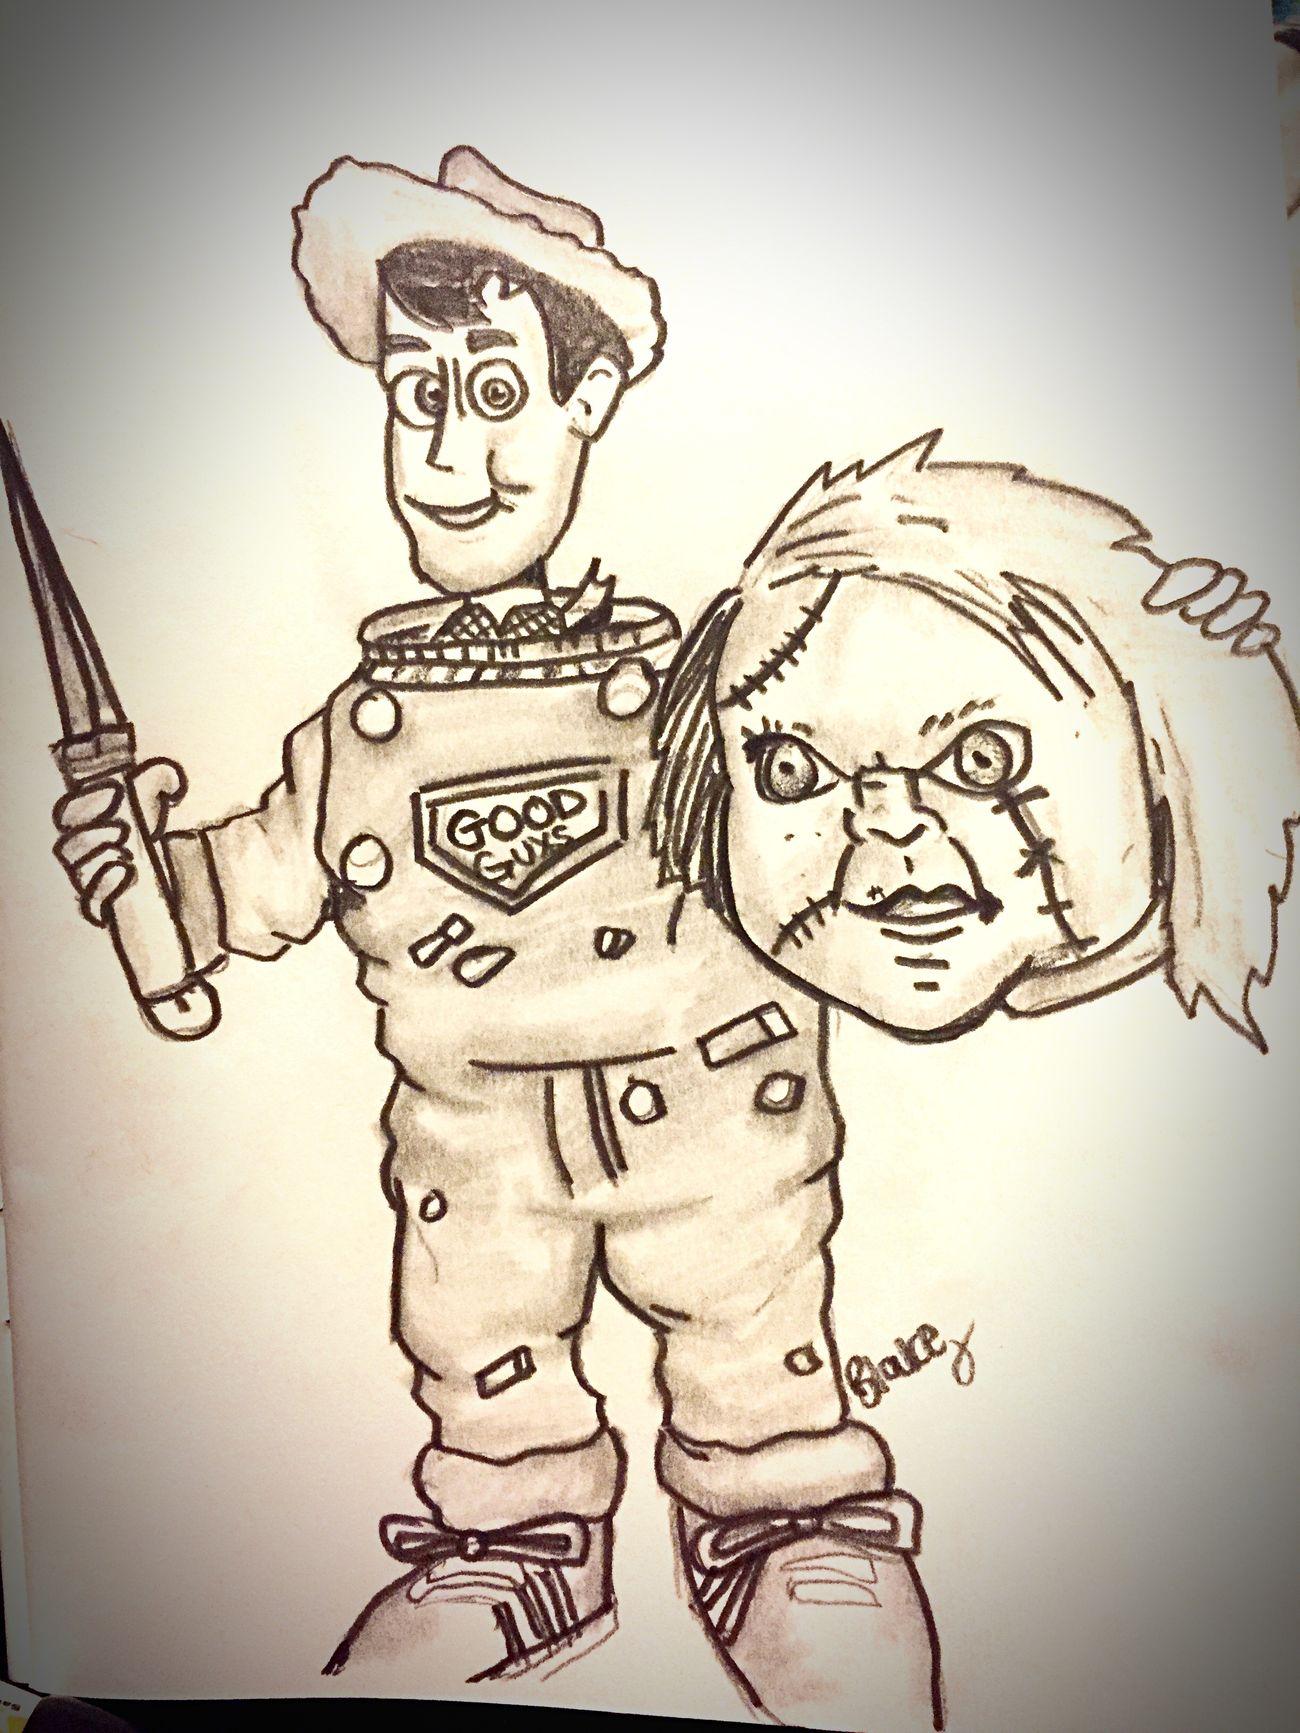 Toystory Woody Art Chucky Pixar